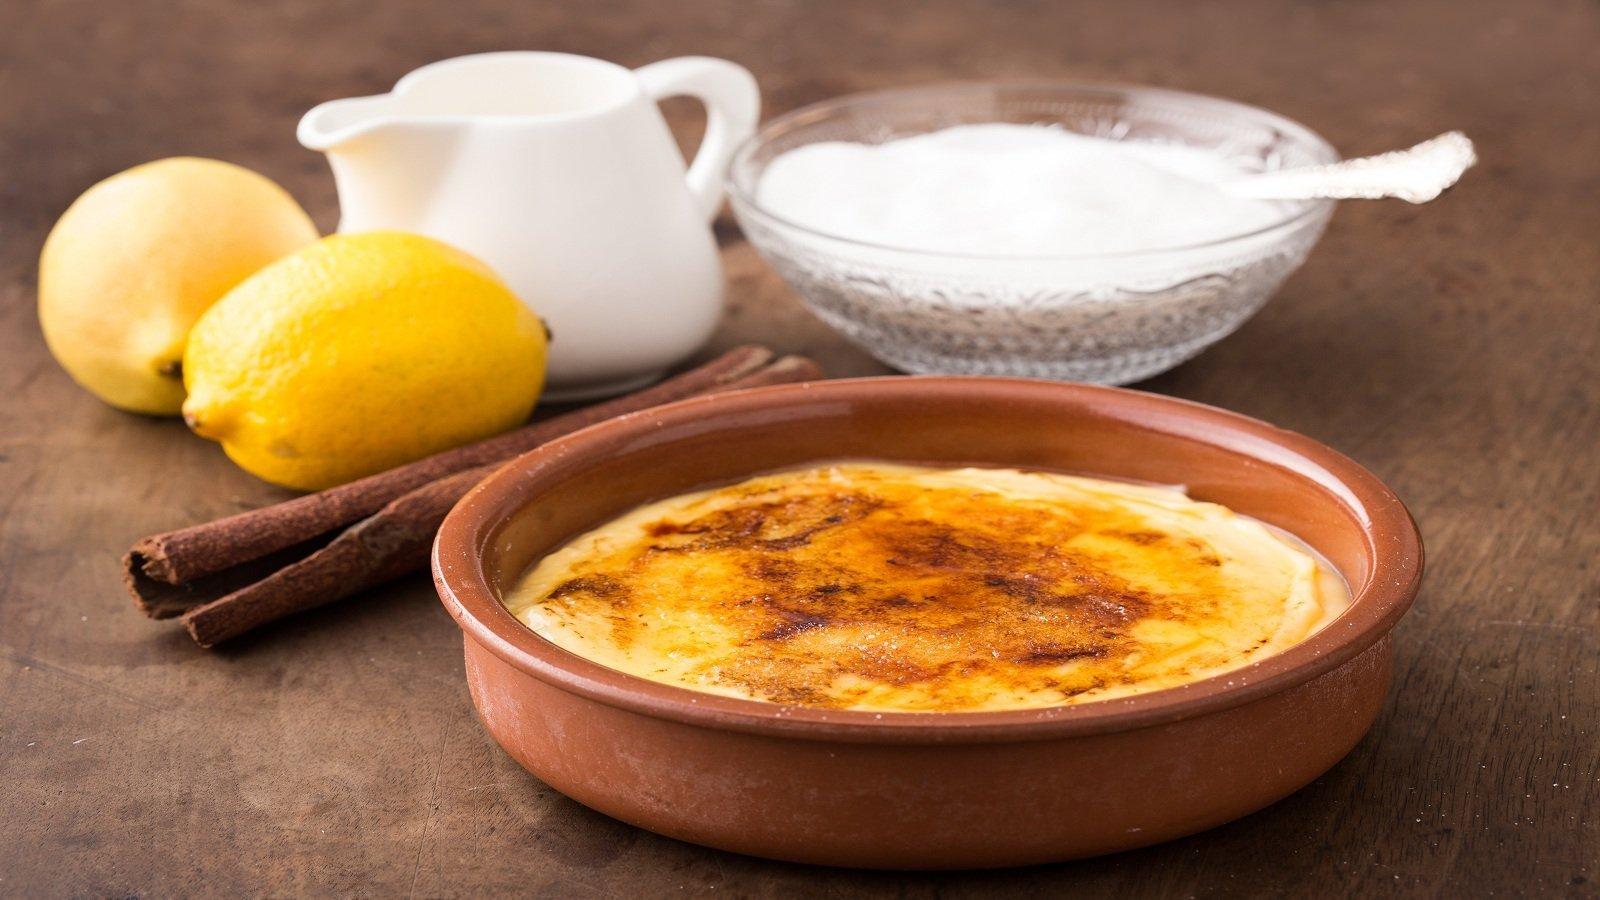 Crema pasticciera - Natillas - crema catalana